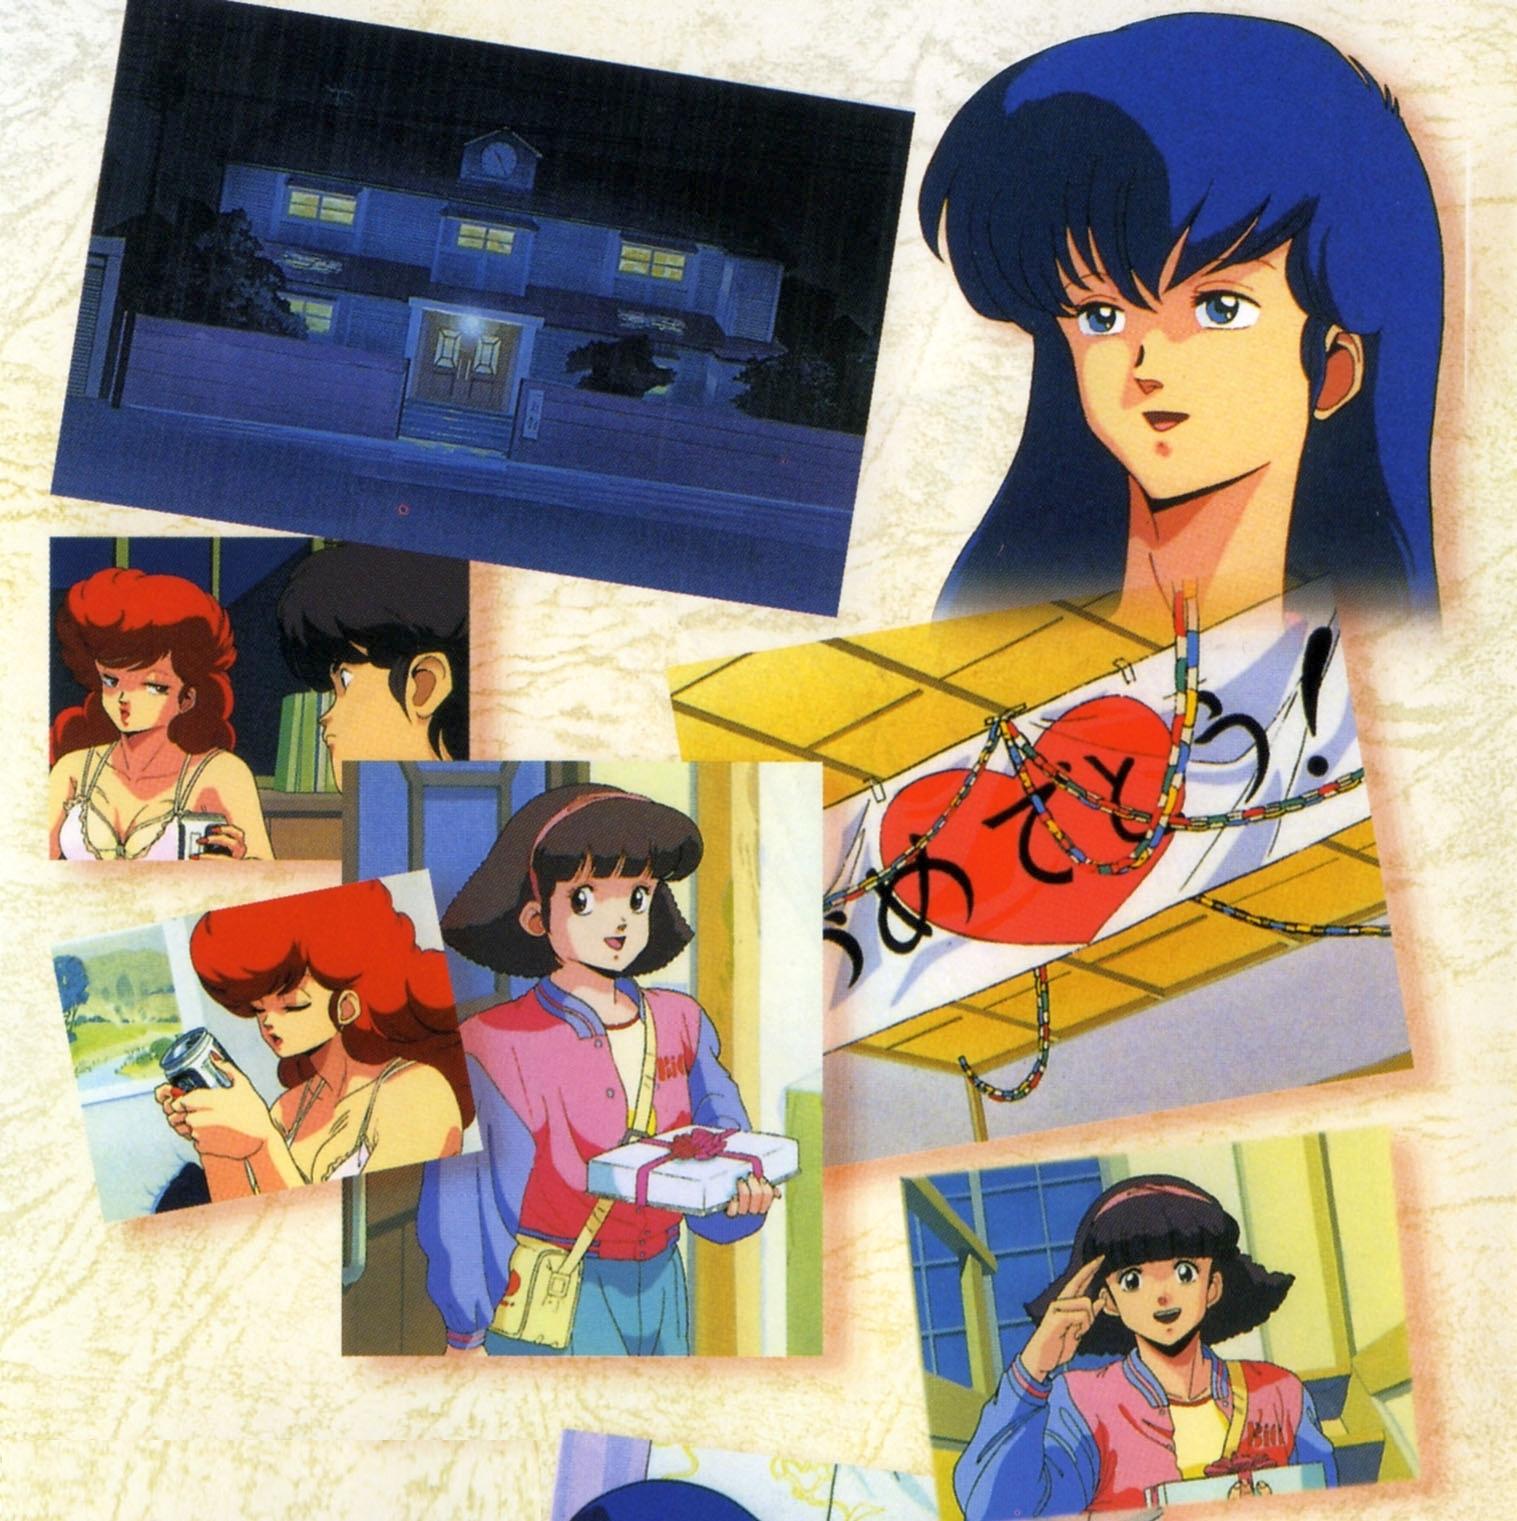 Maison ikkoku immagini varie for Anime maison ikkoku